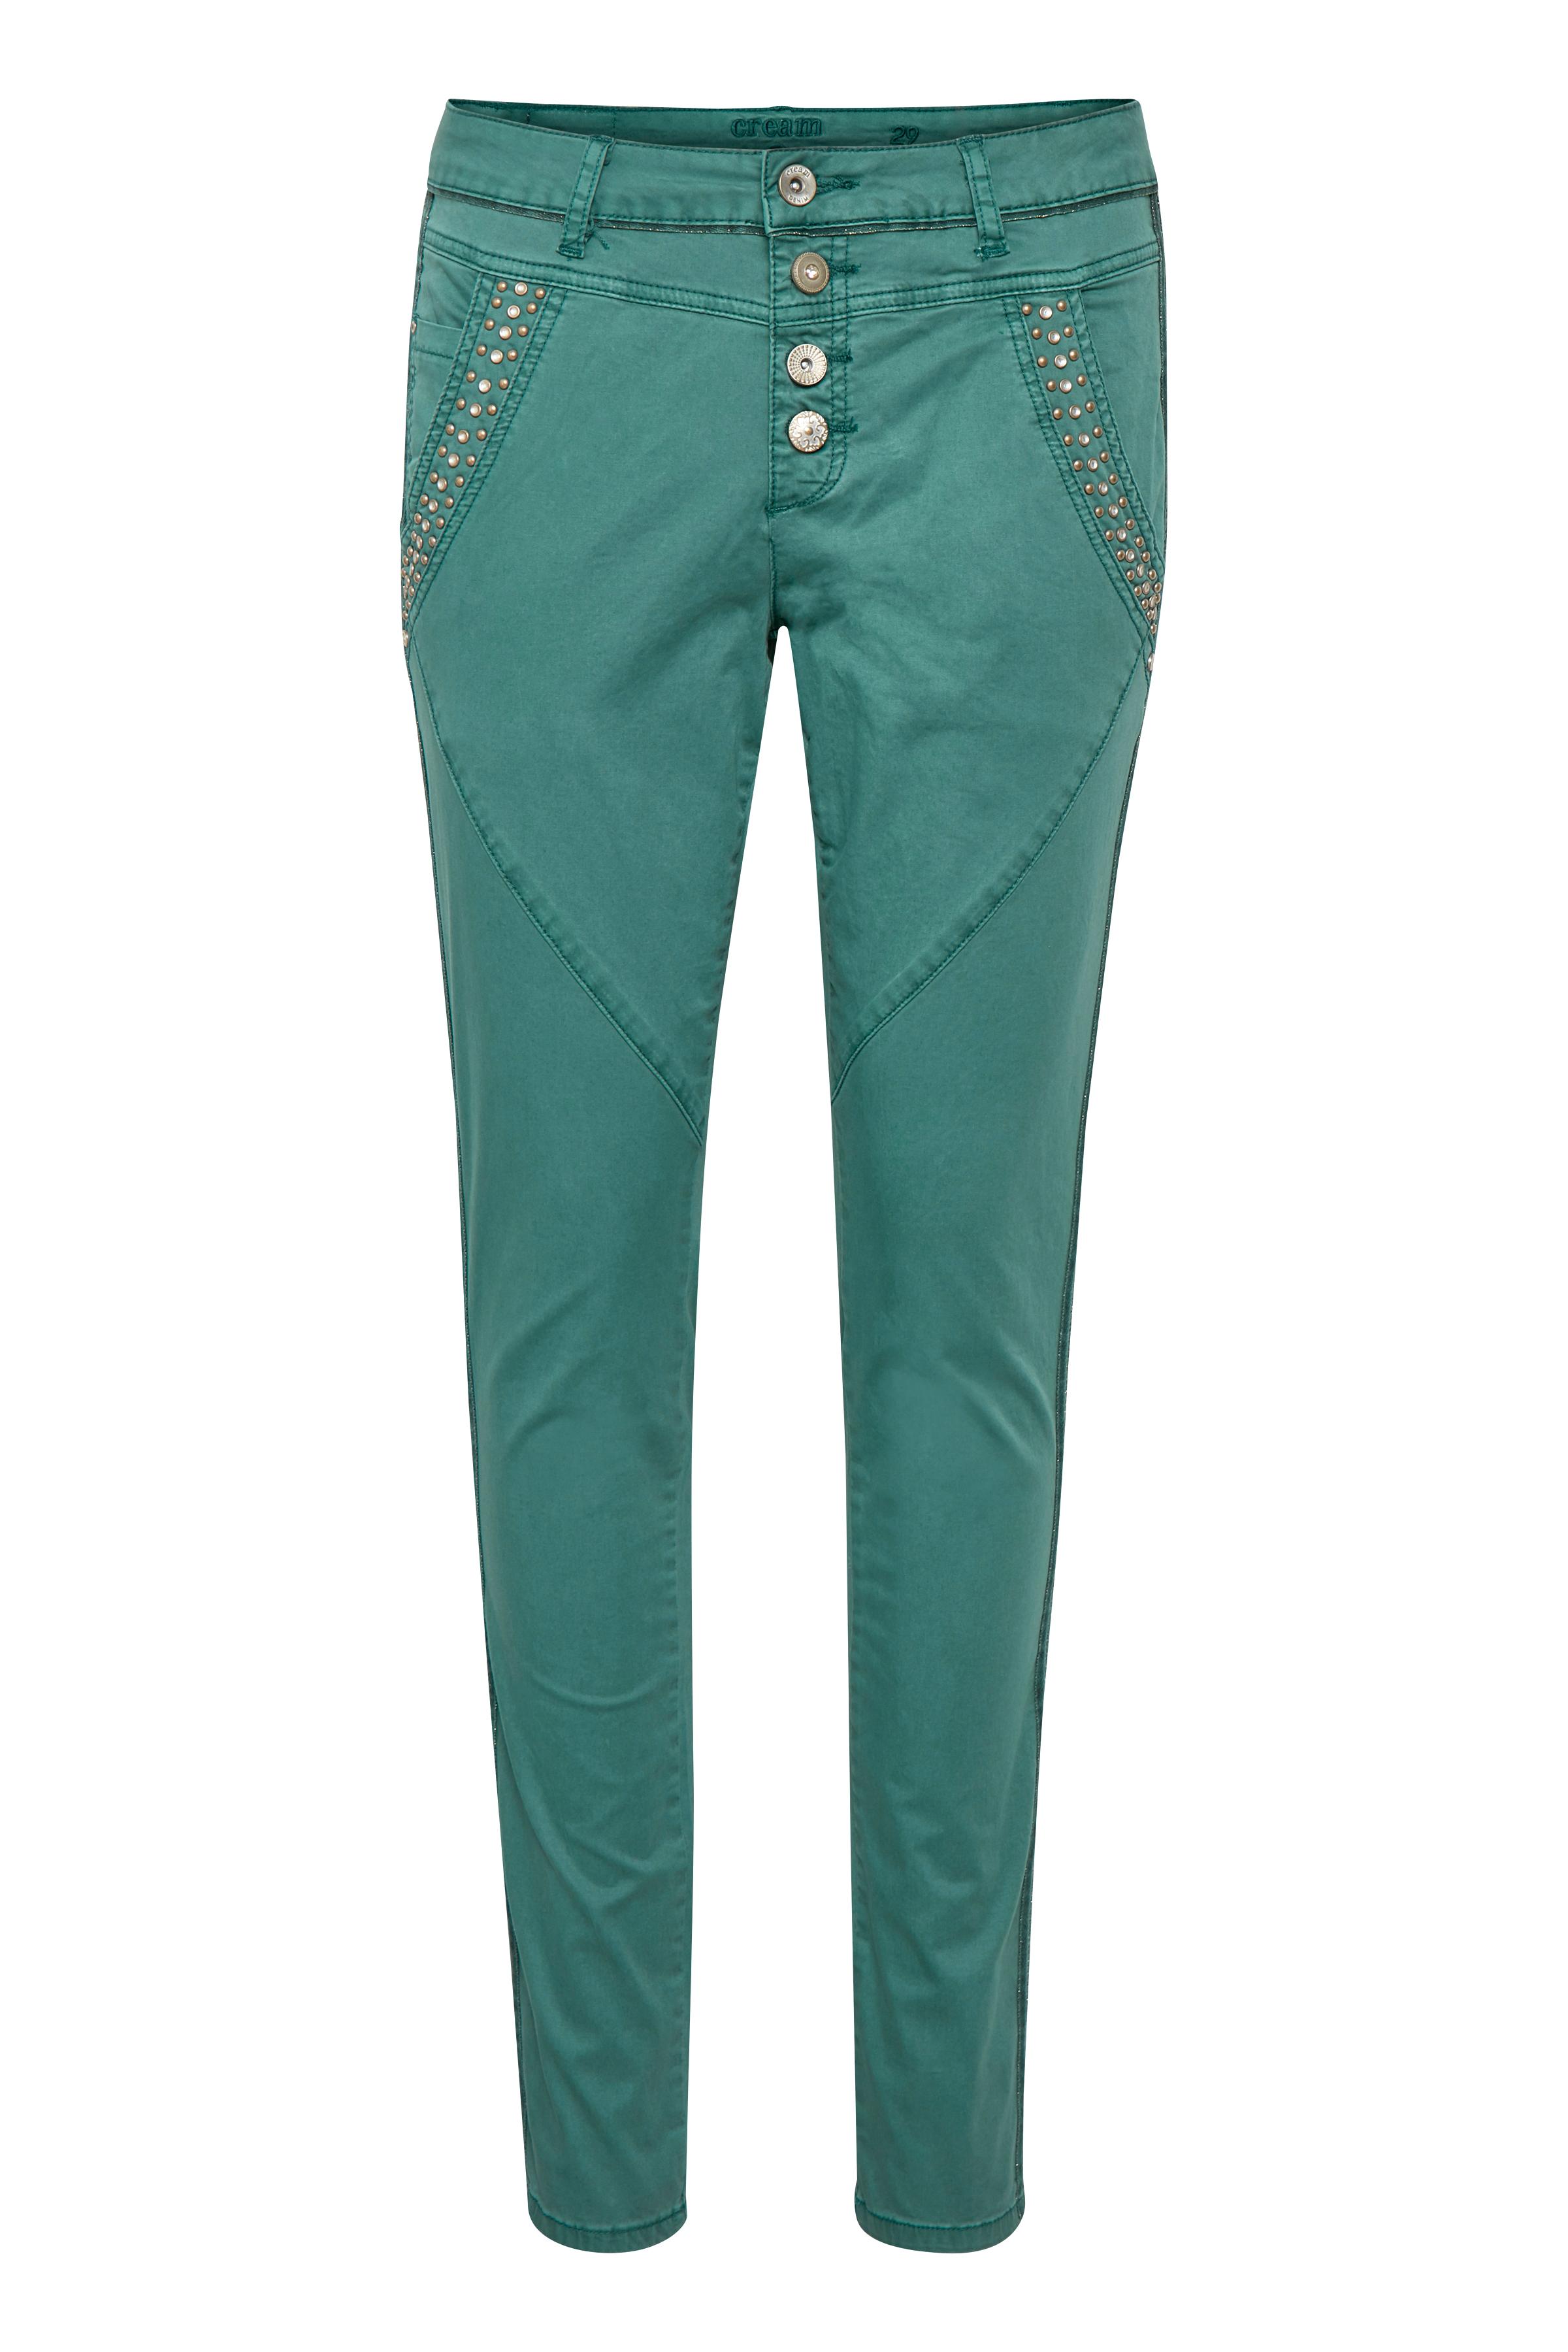 Image of Cream Dame Jeans - Støvet grøn